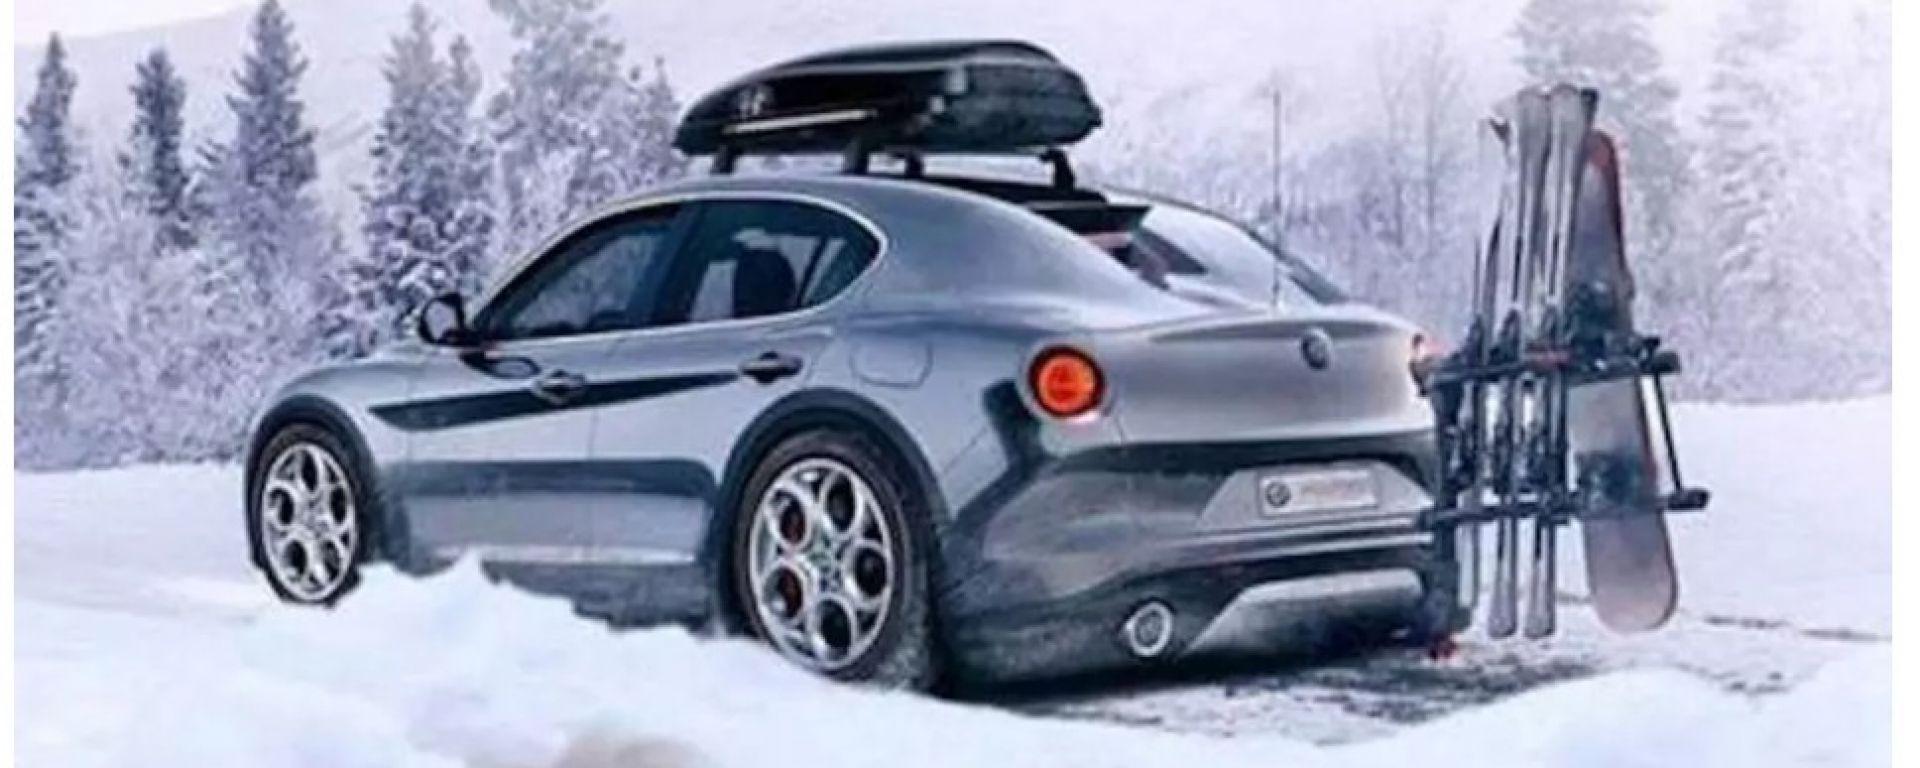 Alfa Romeo SUV compatto: ecco immagini e render del